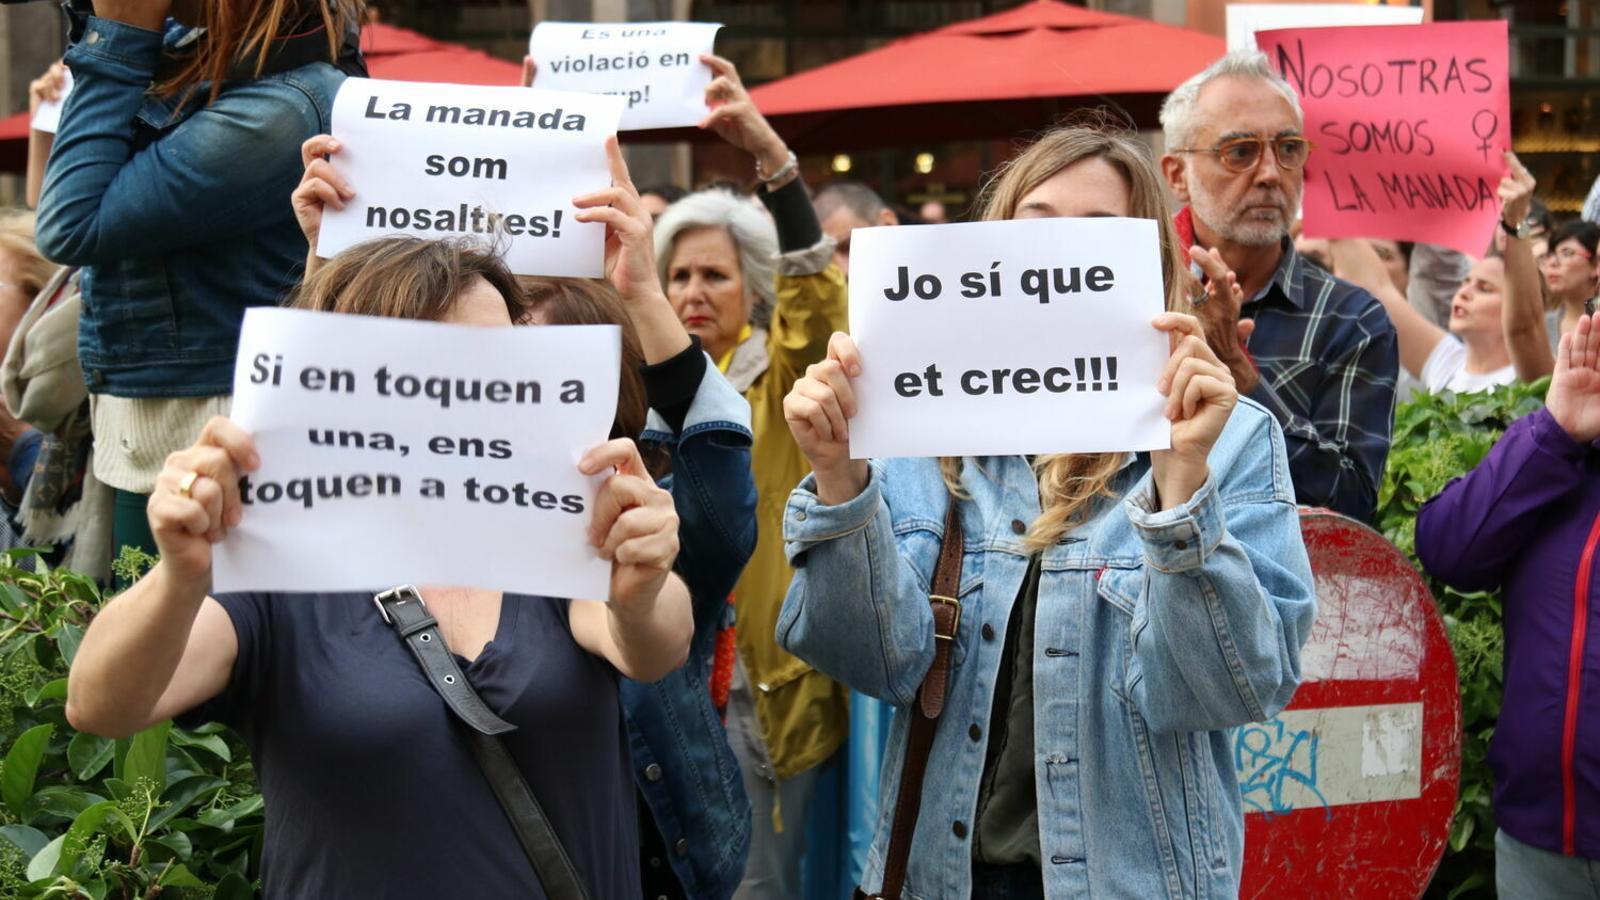 Imatge d'arxiu d'una protesta a Palma contra la sentència de la Manada.